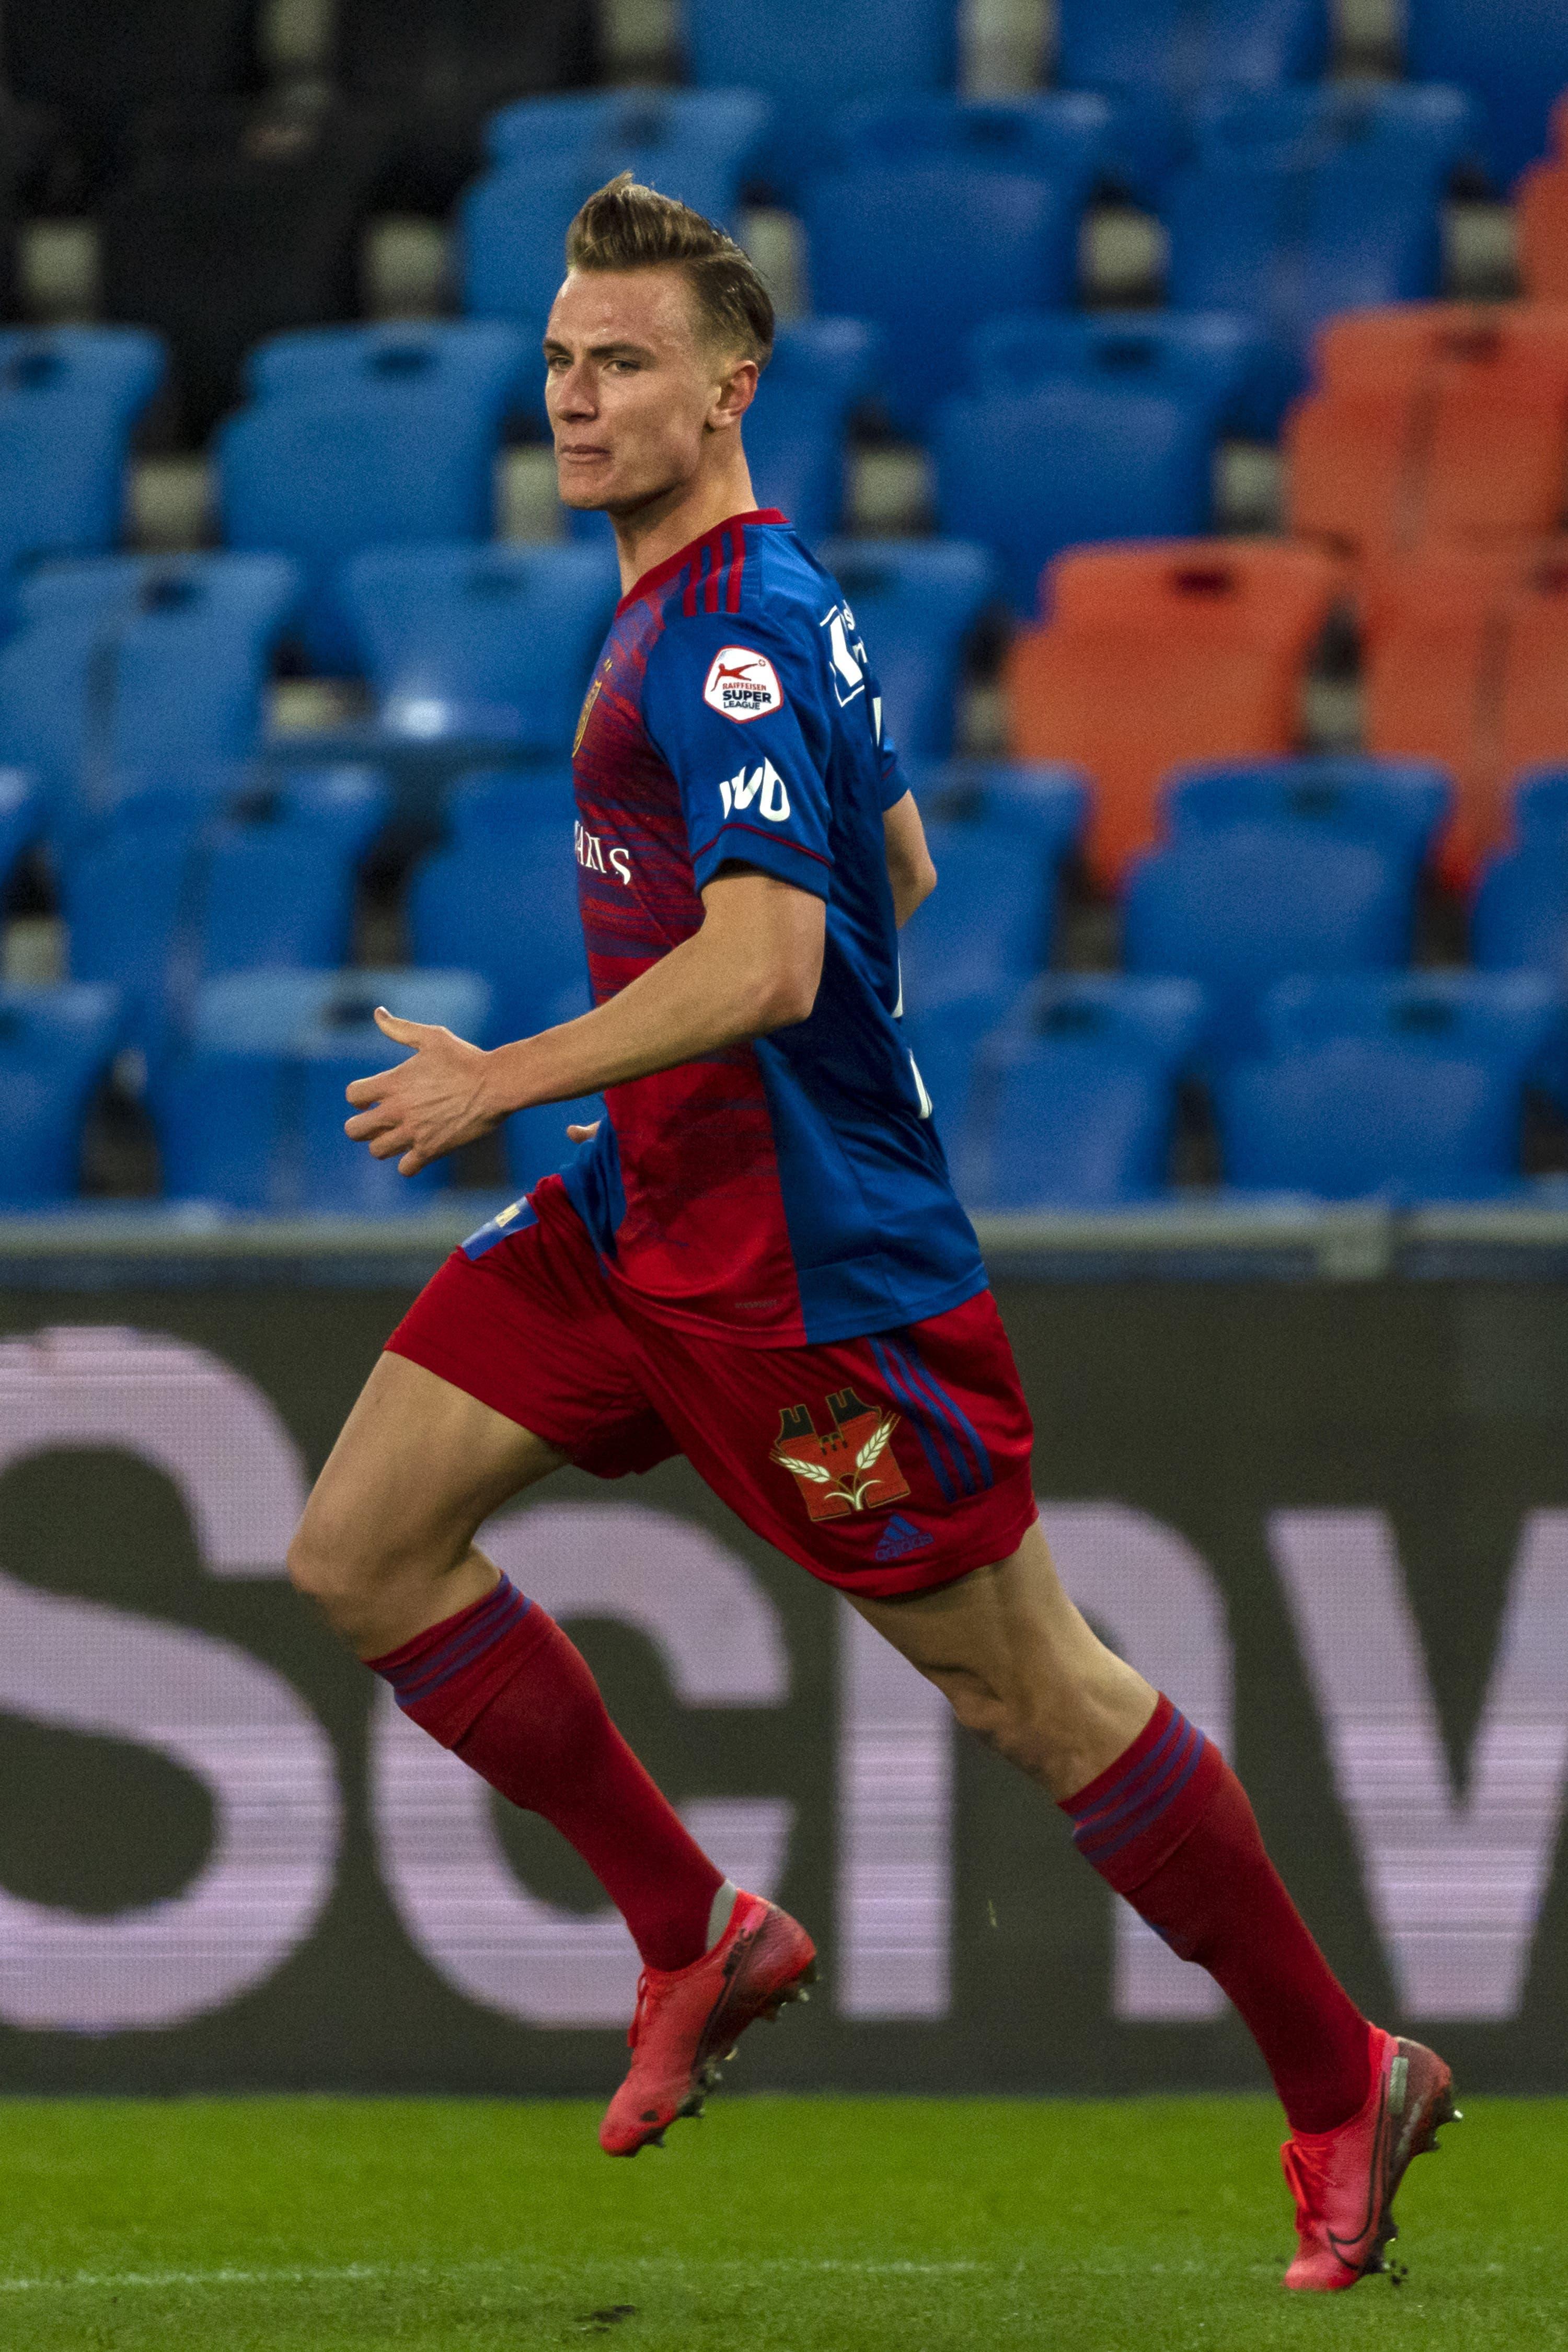 Jasper van der Werff erzielt den wichtigen Ausgleich in der 90. Minute. Er kam erste spät für den verletzten Andrea Padula ins Spiel.